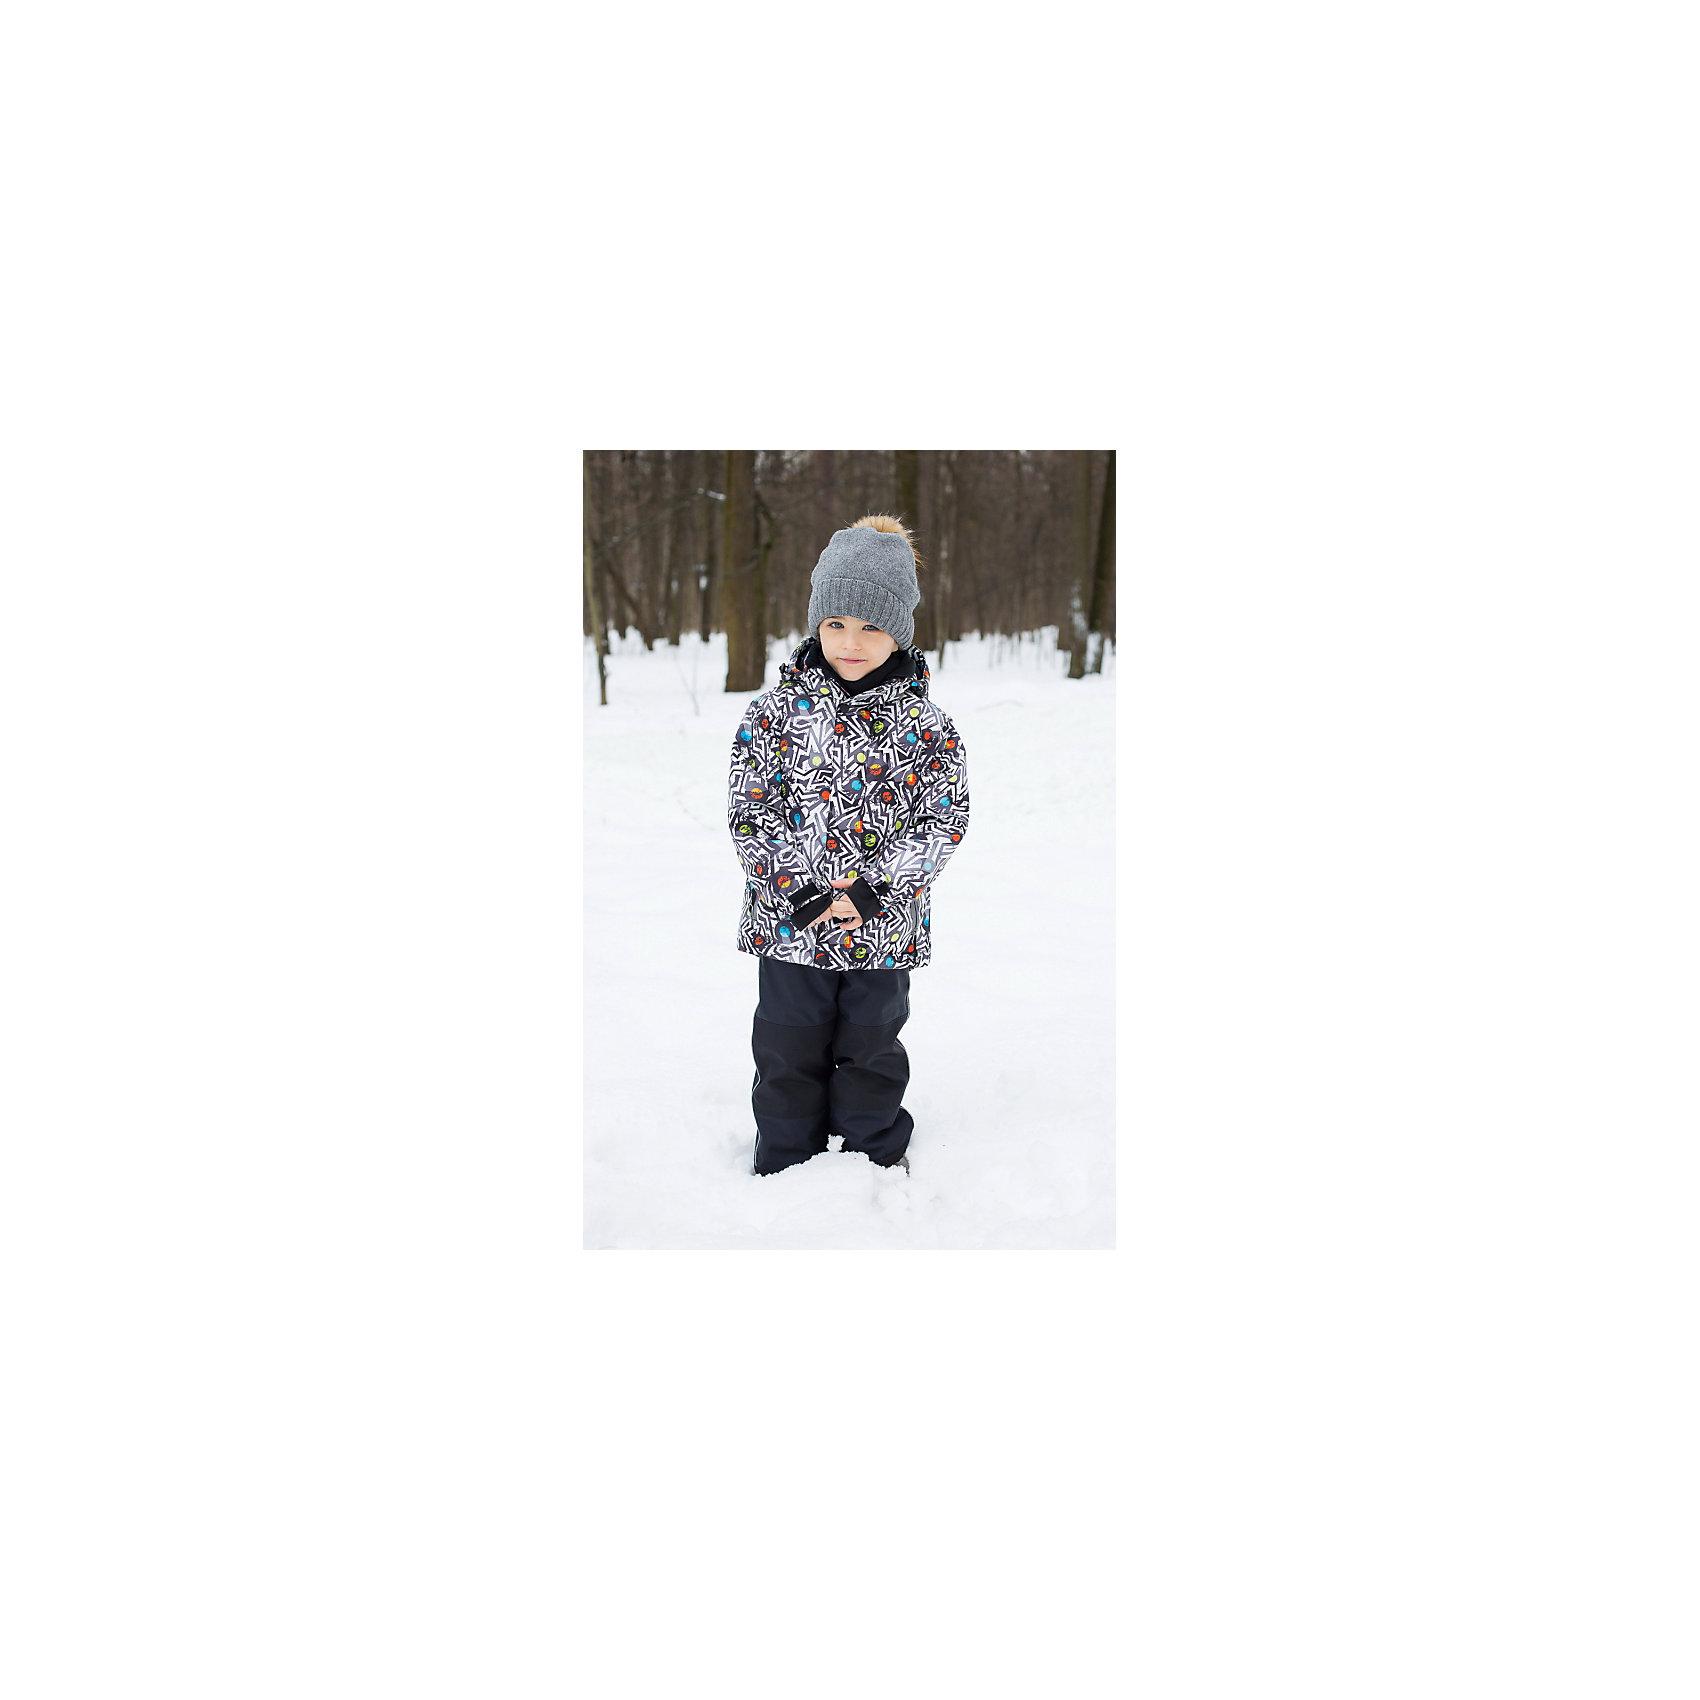 Комплект для мальчика: куртка и полукомбинезон Sweet BerryКомплект для мальчика: куртка и полукомбинезон от известного бренда Sweet Berry<br>Яркий комбинезон для мальчиков из  мембранной, водонепроницаемой (Waterproof - 10000мм), дышащей ( water vapor transmission rate, WVTR -10000гг)  ткани, с грязеотталкивающей пропиткой.  Съемный капюшон на молнии регулируется резинкой со стоппером.  Внутренняя часть низа брюк, коленей и верхняя задняя половинка брюк выполнены из усиленной ткани. Рукава с дополнительной манжетой с вырезом для пальца. Вставки из свето-отражающих кантов. Две ветрозащитные планки. Внутри подкладка из флиса,  внутренний карман и снегозащитная юбка.полукомбинезон на регулируемых лямках. Внизу штанин имеются внутренние манжеты из подкладки на прорезиненной эластичной резинке и молниями по бокам.  Утеплитель 200гр.-тело, 180гр.-рукава, брюки.<br>Состав:<br>Верх: куртка: 100%полиэстер, полукомбинезон: 100% нейлон.  Подкладка: 100%полиэстер. Наполнитель: 100%полиэстер<br><br>Ширина мм: 215<br>Глубина мм: 88<br>Высота мм: 191<br>Вес г: 336<br>Цвет: черный<br>Возраст от месяцев: 36<br>Возраст до месяцев: 48<br>Пол: Мужской<br>Возраст: Детский<br>Размер: 116,134,92,98,122,128,104,110<br>SKU: 4960157